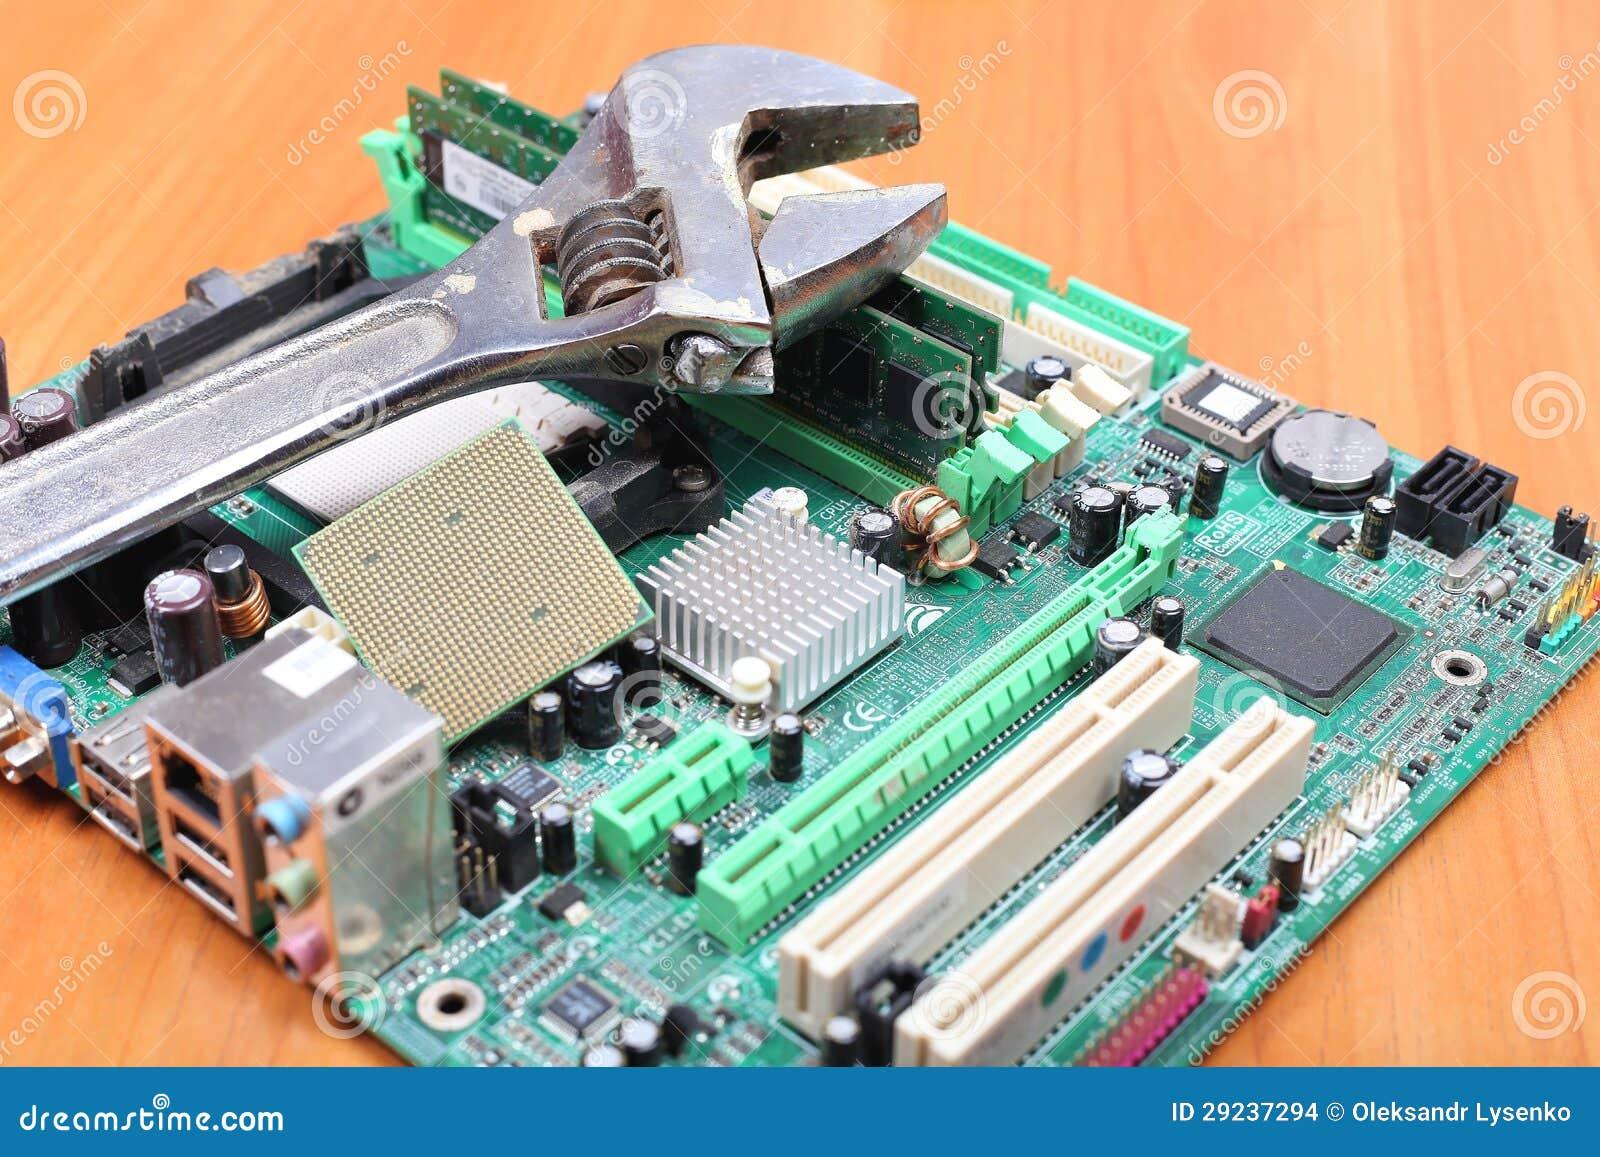 Reliable computer repair